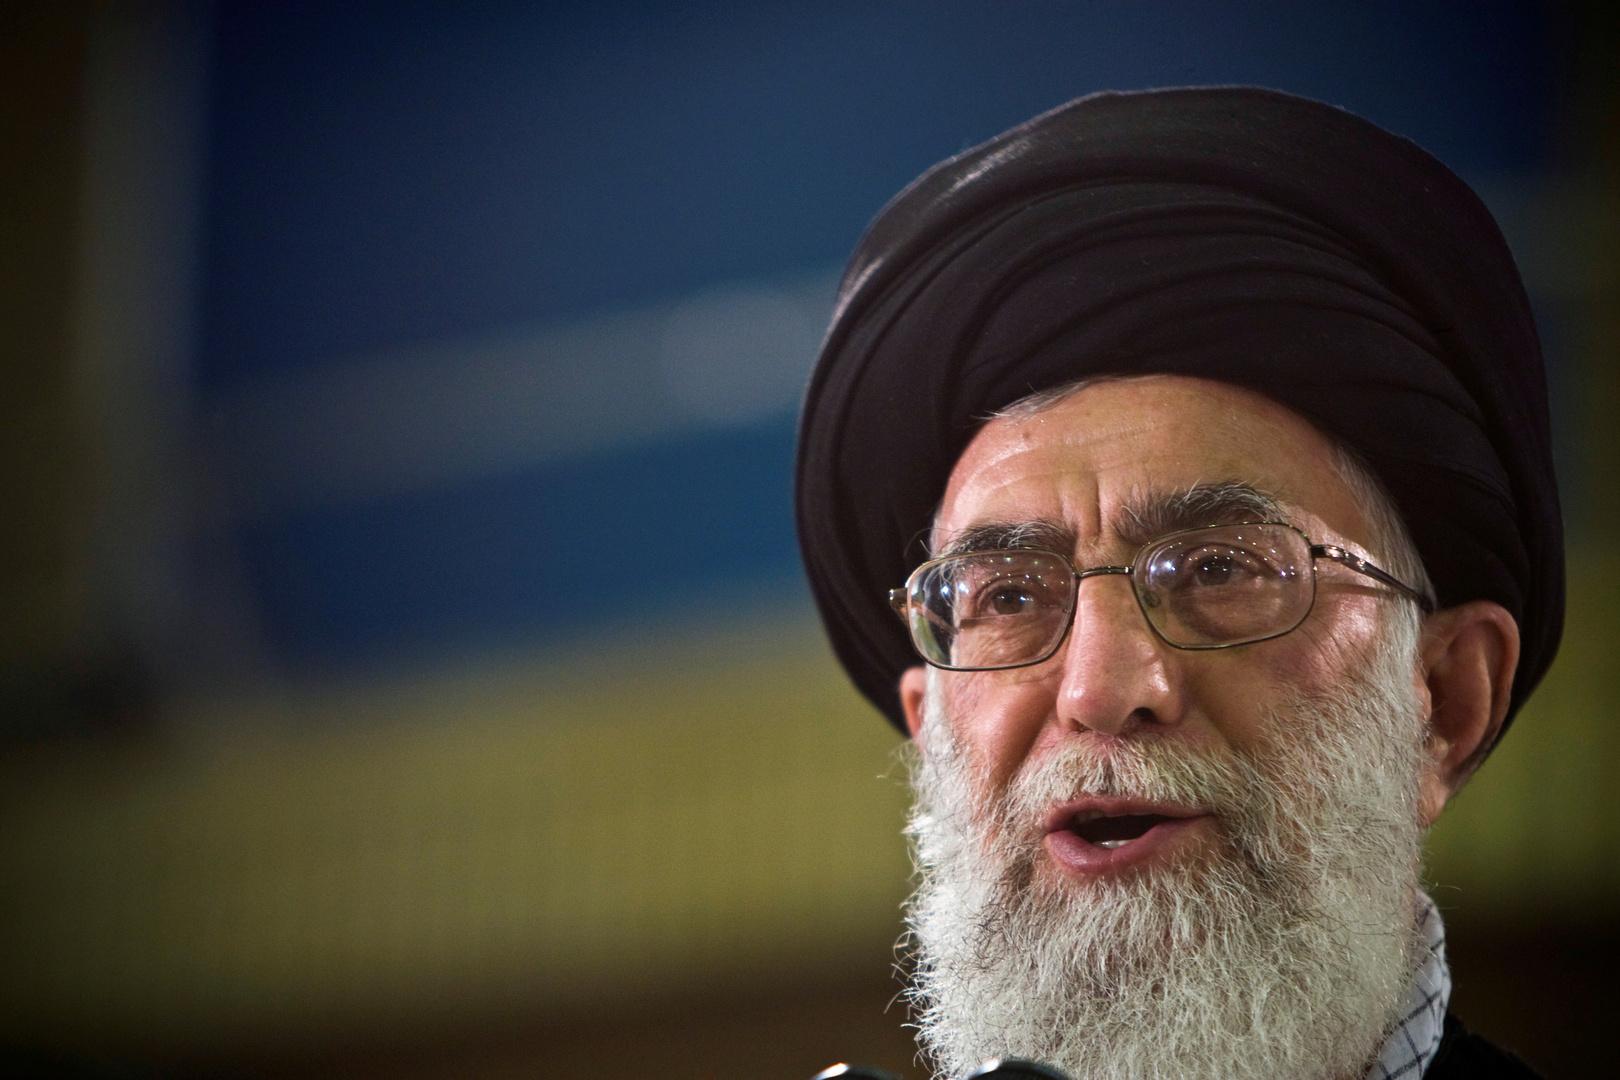 خامنئي يحث الإيرانيين على المشاركة في الانتخابات